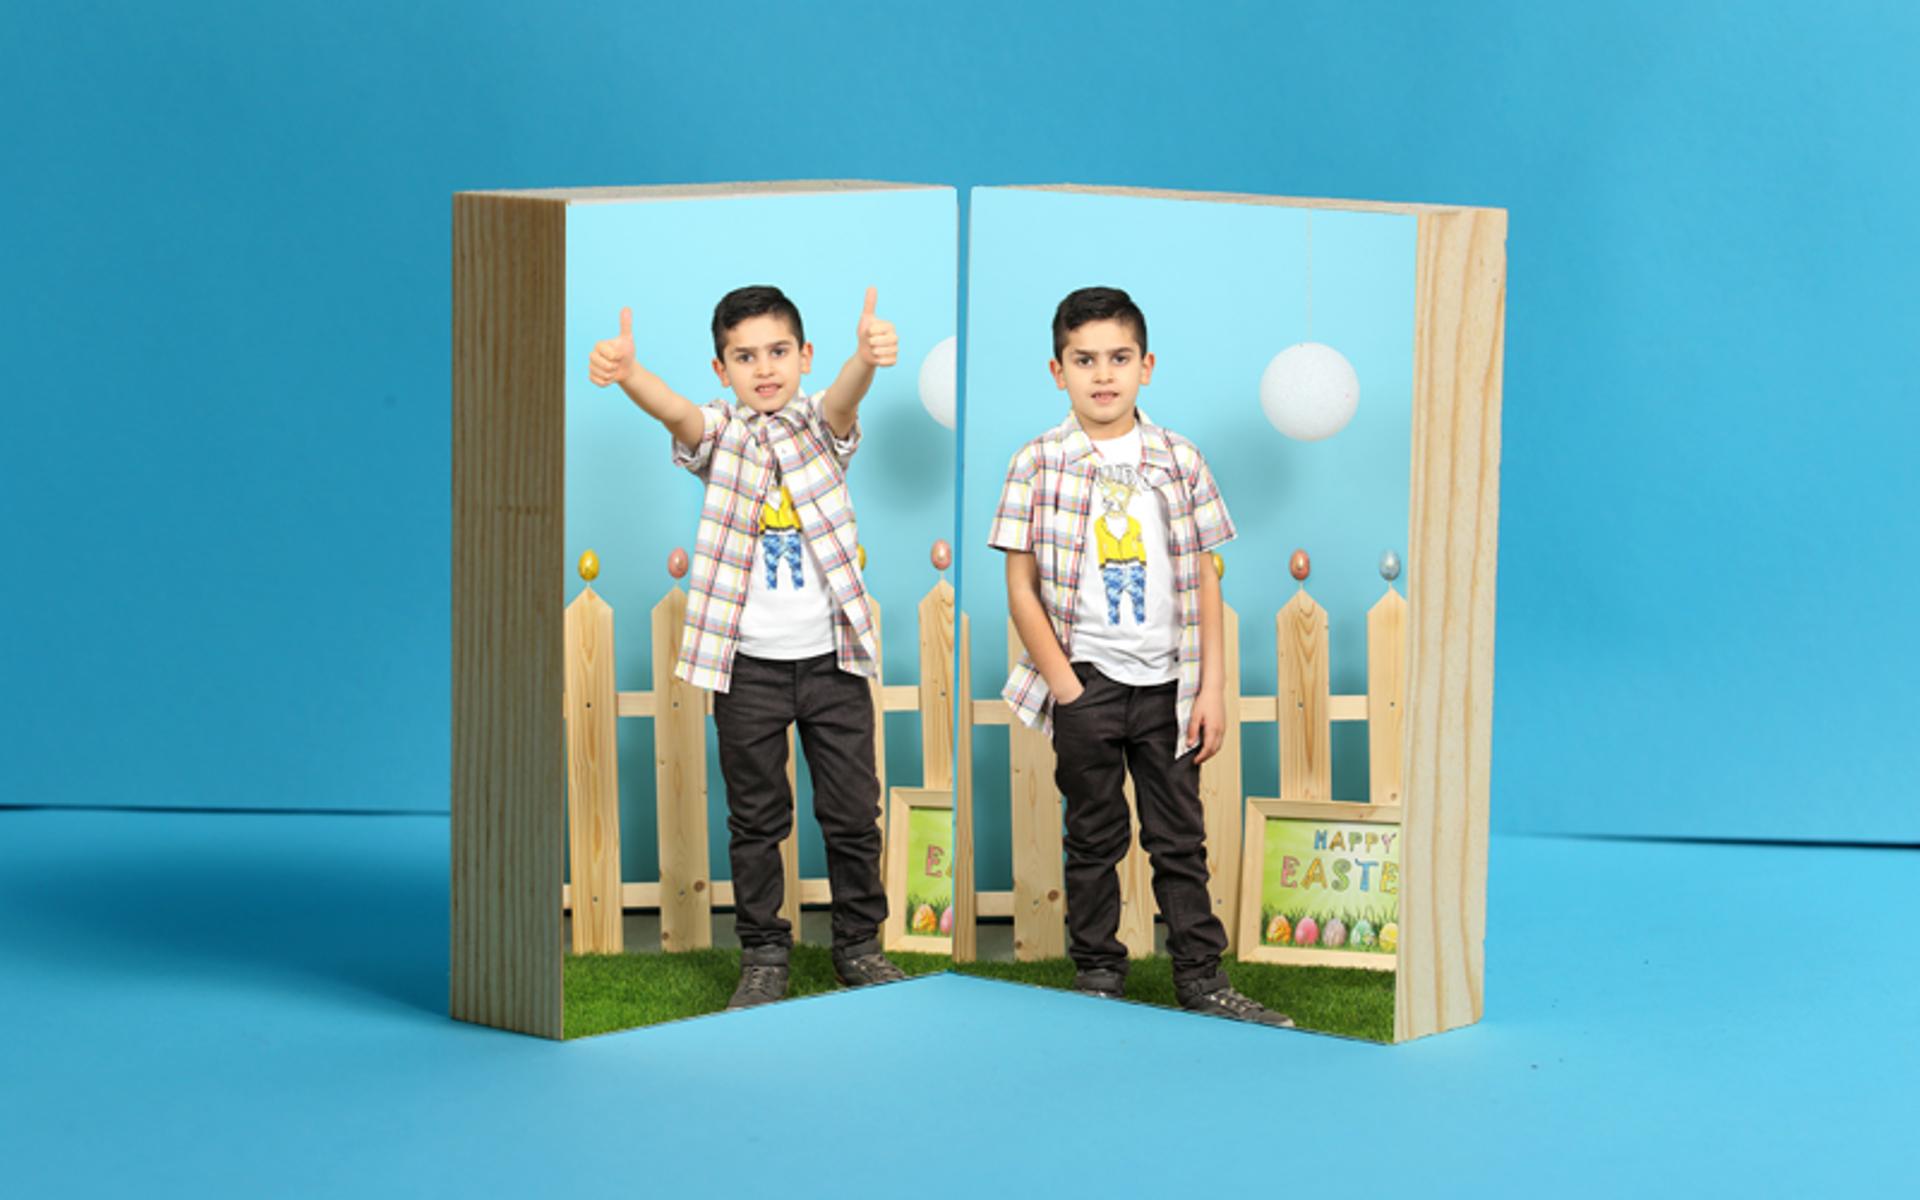 =שני בלוקים איכותיים עבים,מחוברים בצורת ספר שכיבה/עמידה!